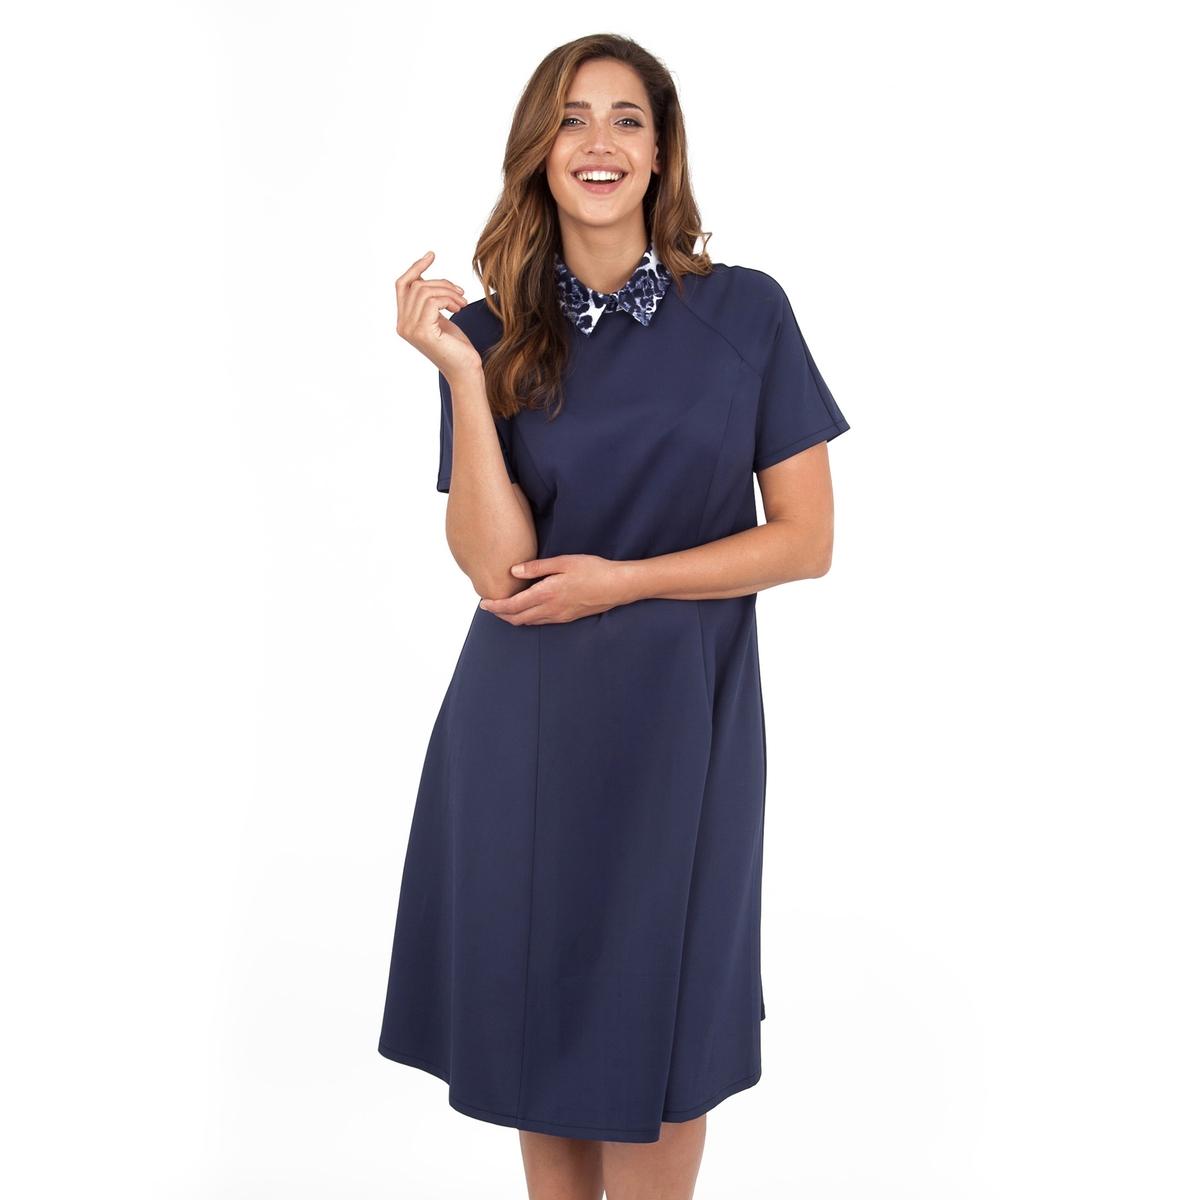 ПлатьеПлатье с короткими рукавами - KOKO BY KOKO. Воротник с узором. Длина ок.104 см. 100% полиэстера.<br><br>Цвет: синий морской<br>Размер: 58/60 (FR) - 64/66 (RUS).50/52 (FR) - 56/58 (RUS)